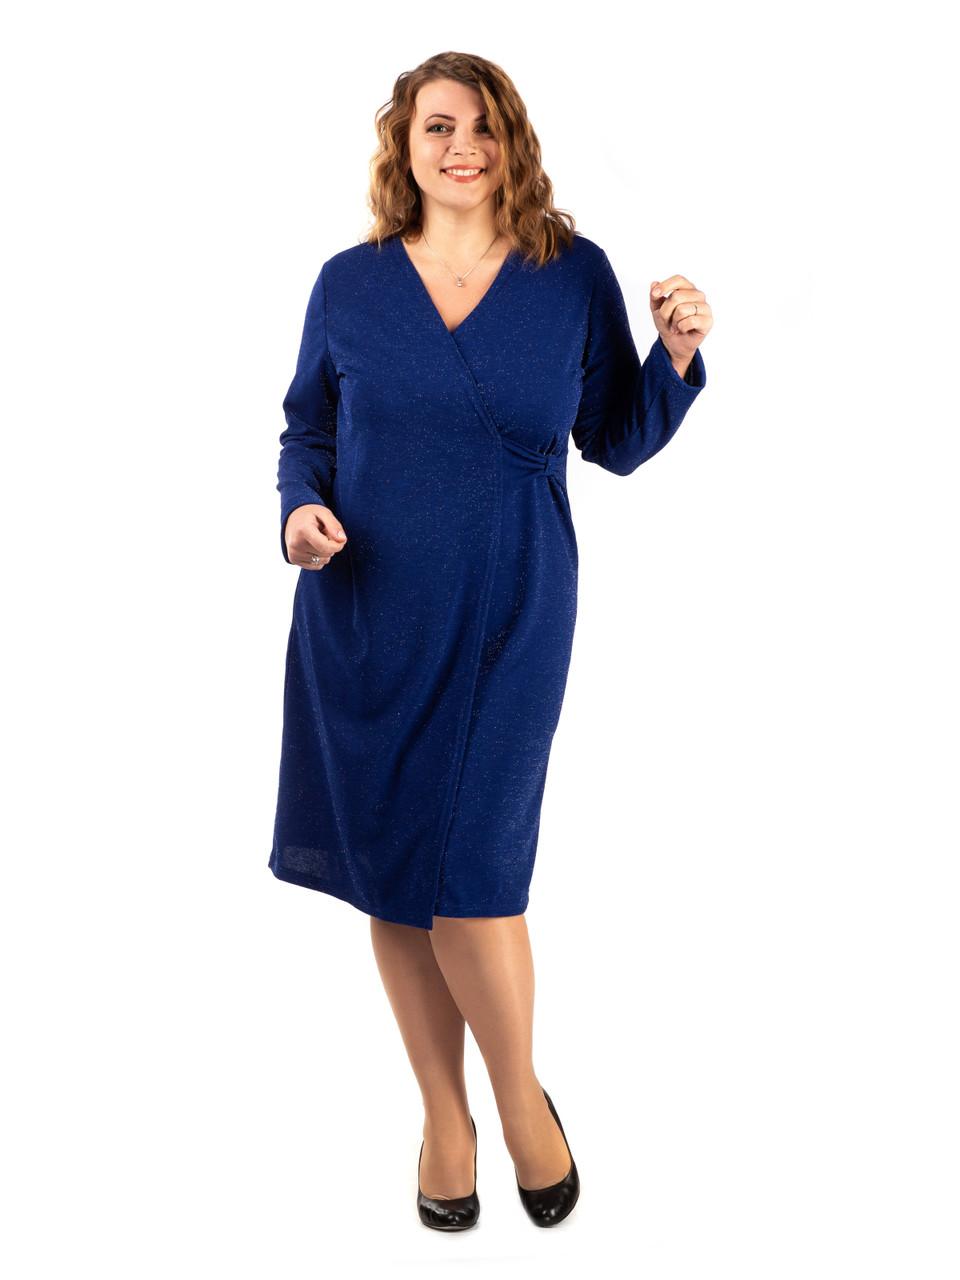 Платье Selta 511 размеры 50, 52, 54, 56